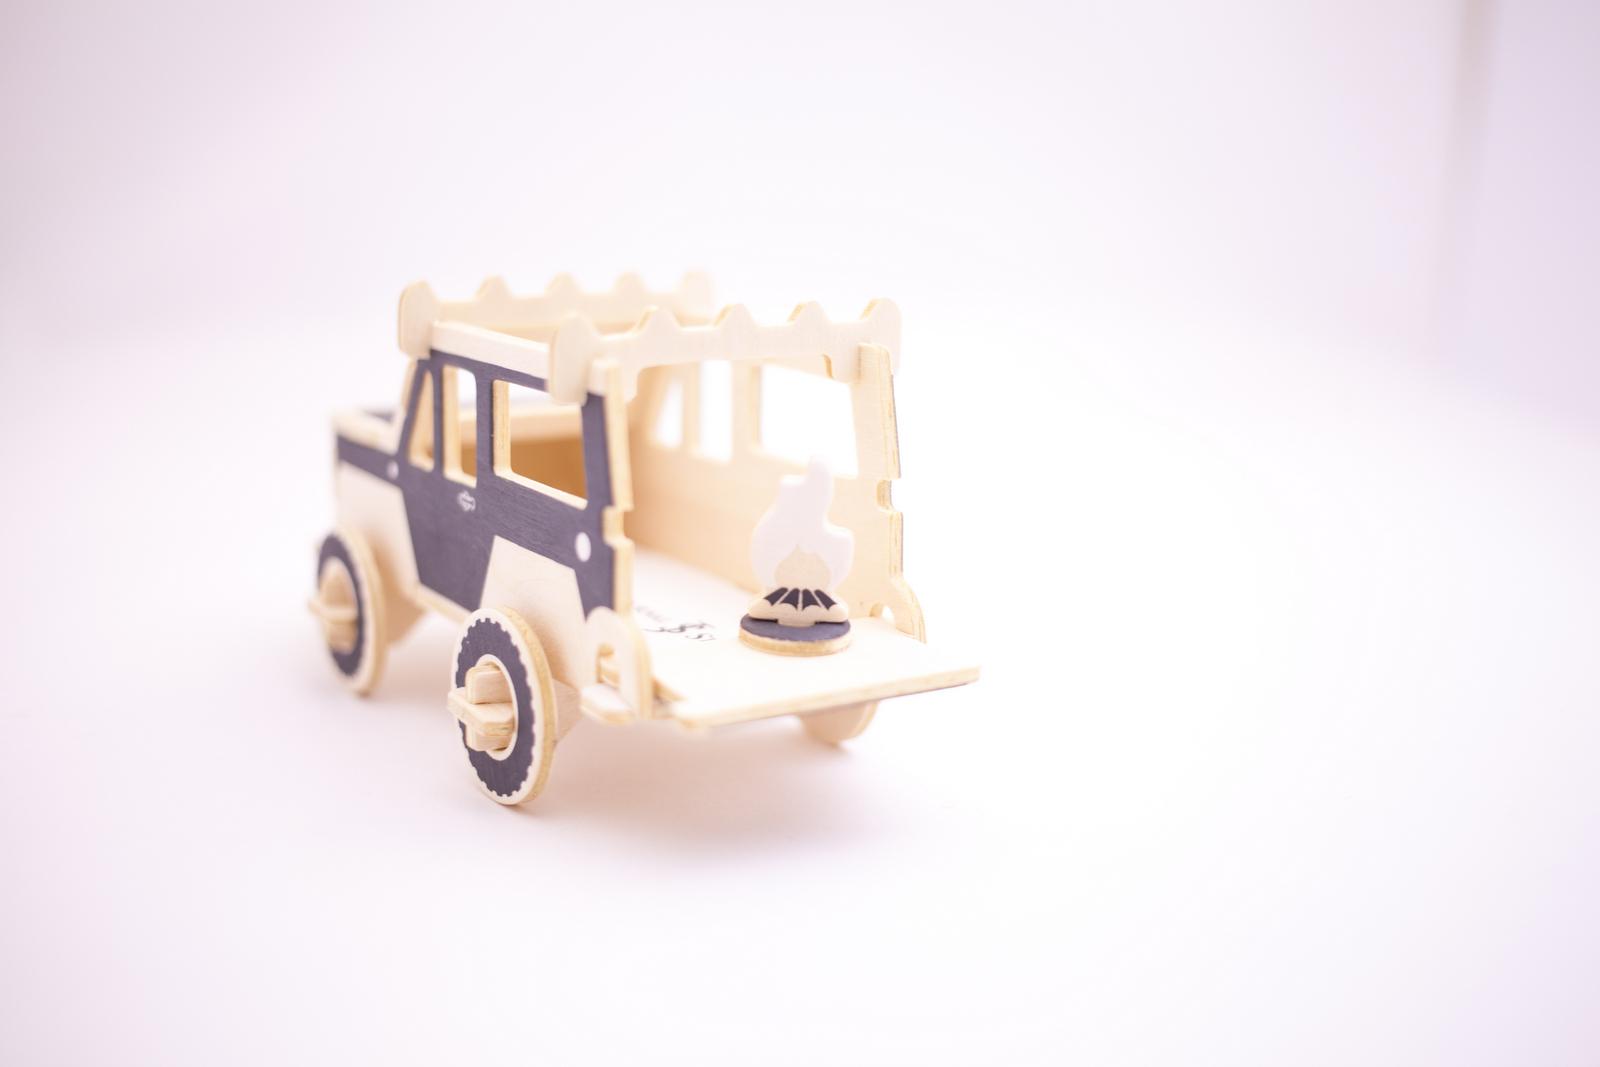 """IMG_1190 Jeep® Wrangler Unlimited """"TOKYO RATED"""" モデルの限定ノベルティがもらえる!〈ジャーナル スタンダード〉との連動キャンペーン実施中!"""